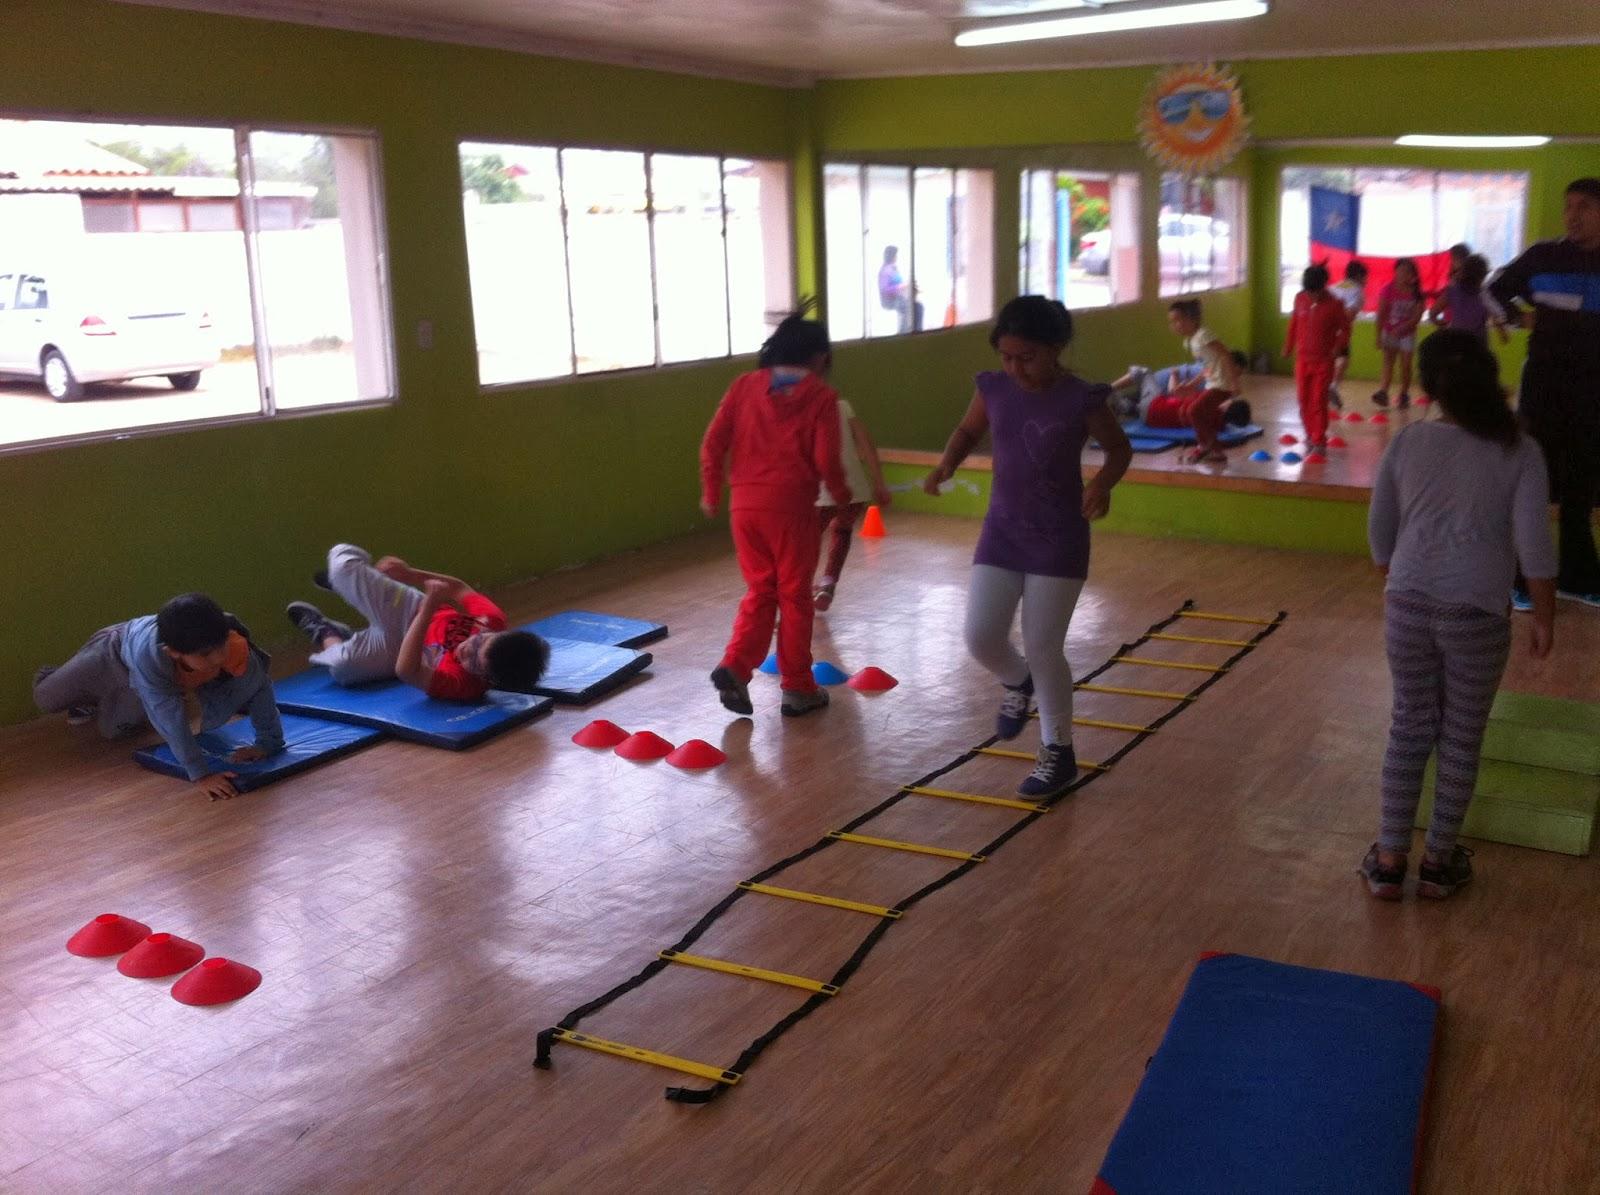 Circuito Juegos Para Niños : Gimnasio balance la serena gimnasia entretenida para